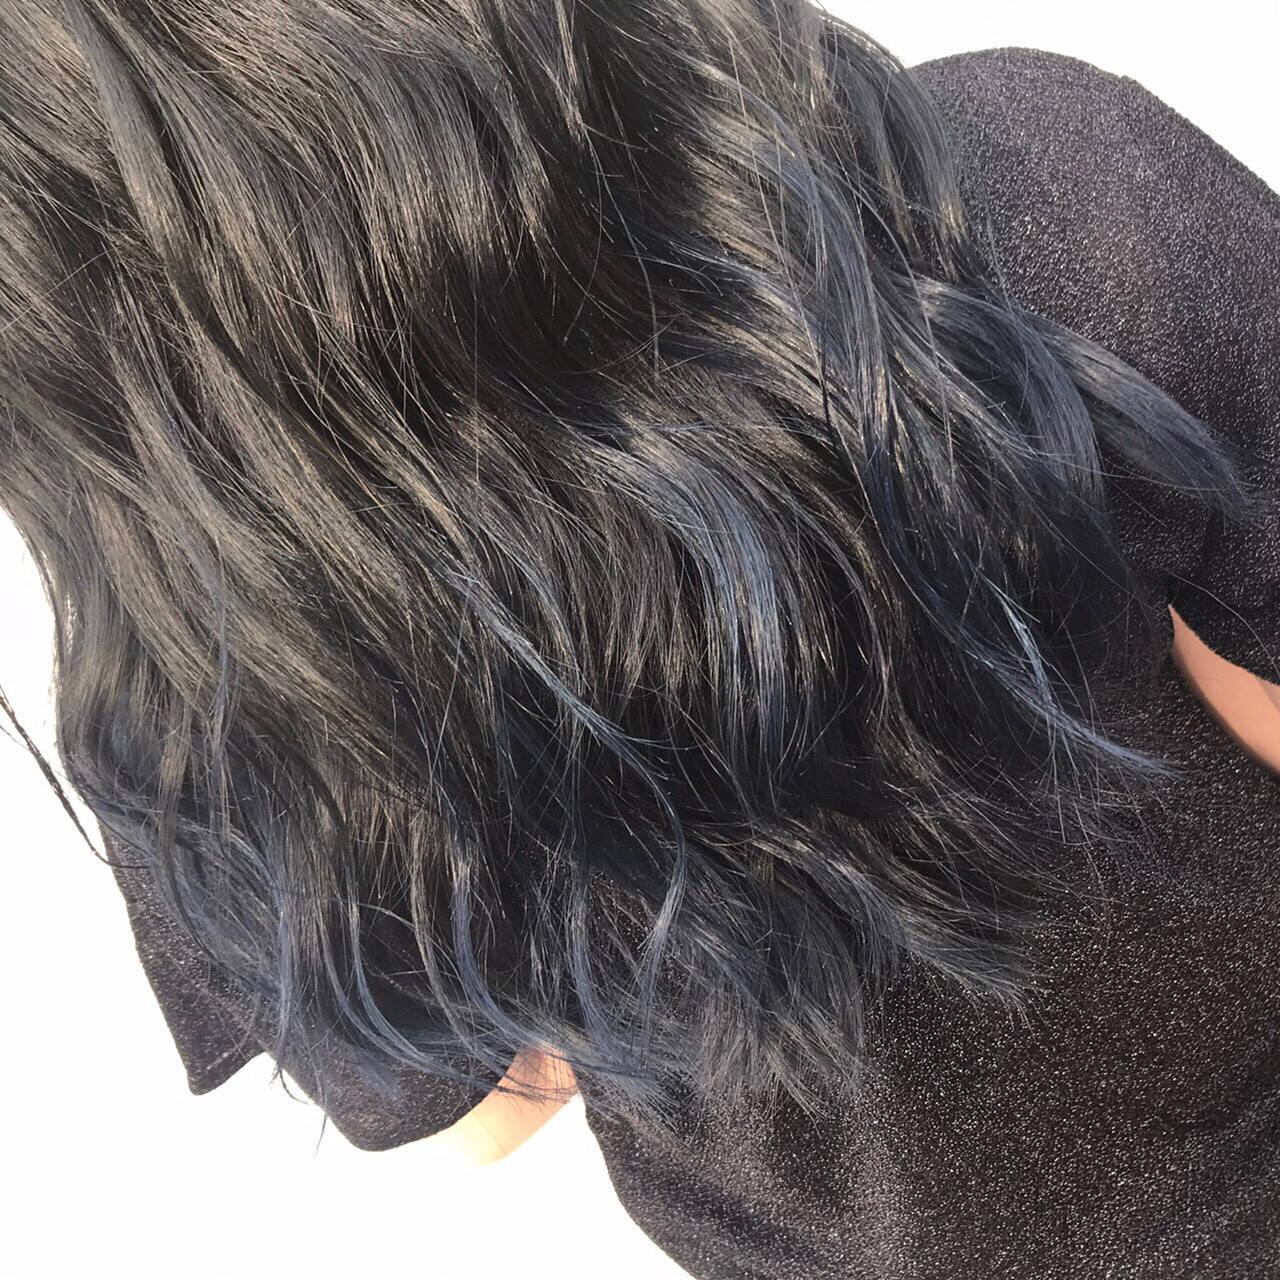 ネイビーカラー ロング ブルーグラデーション グラデーションカラーヘアスタイルや髪型の写真・画像